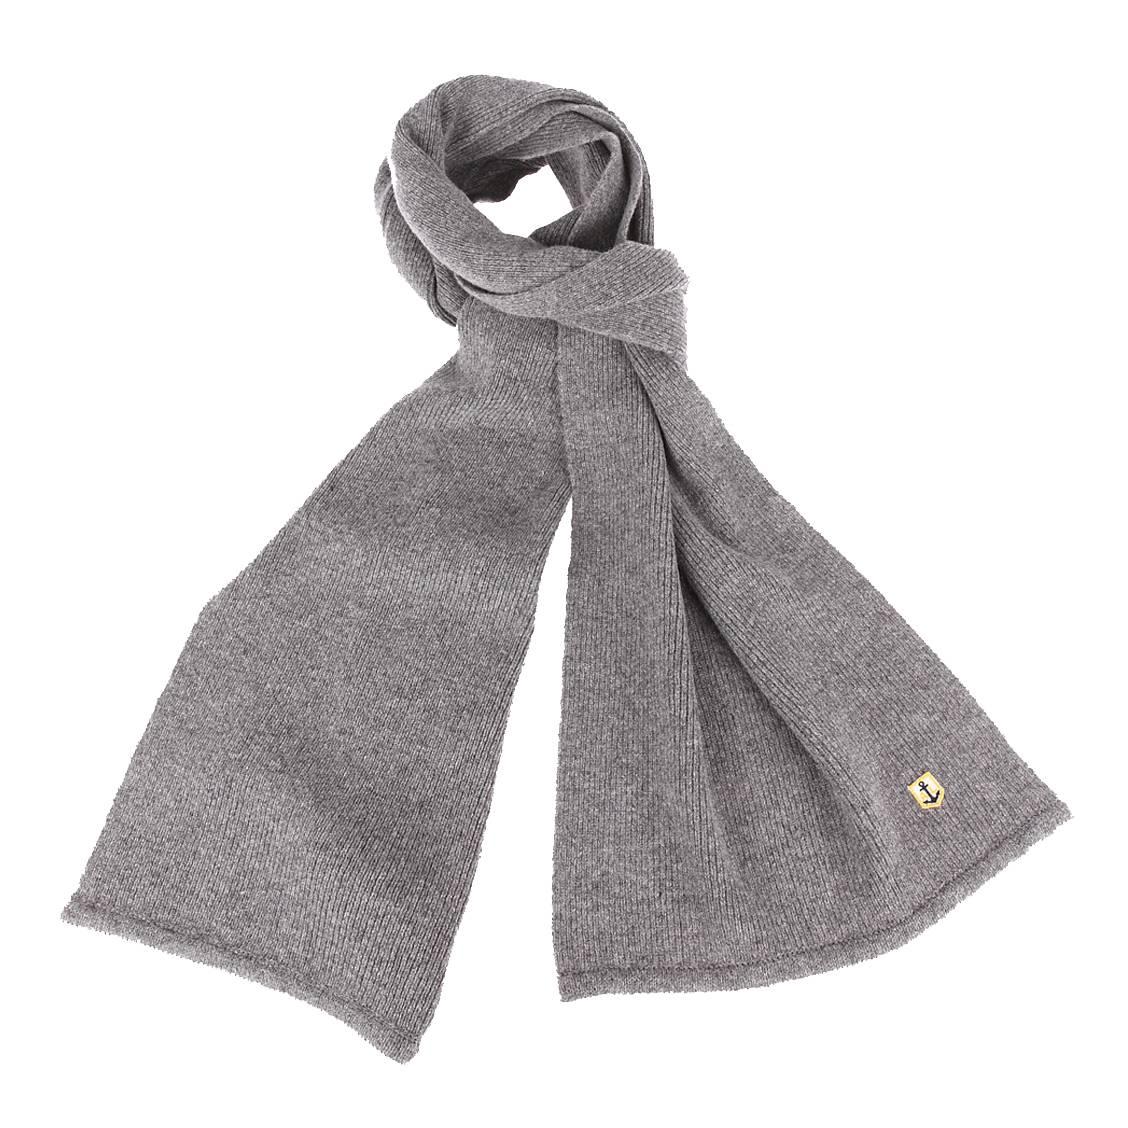 Echarpe Armor Lux Héritage en laine gris chiné